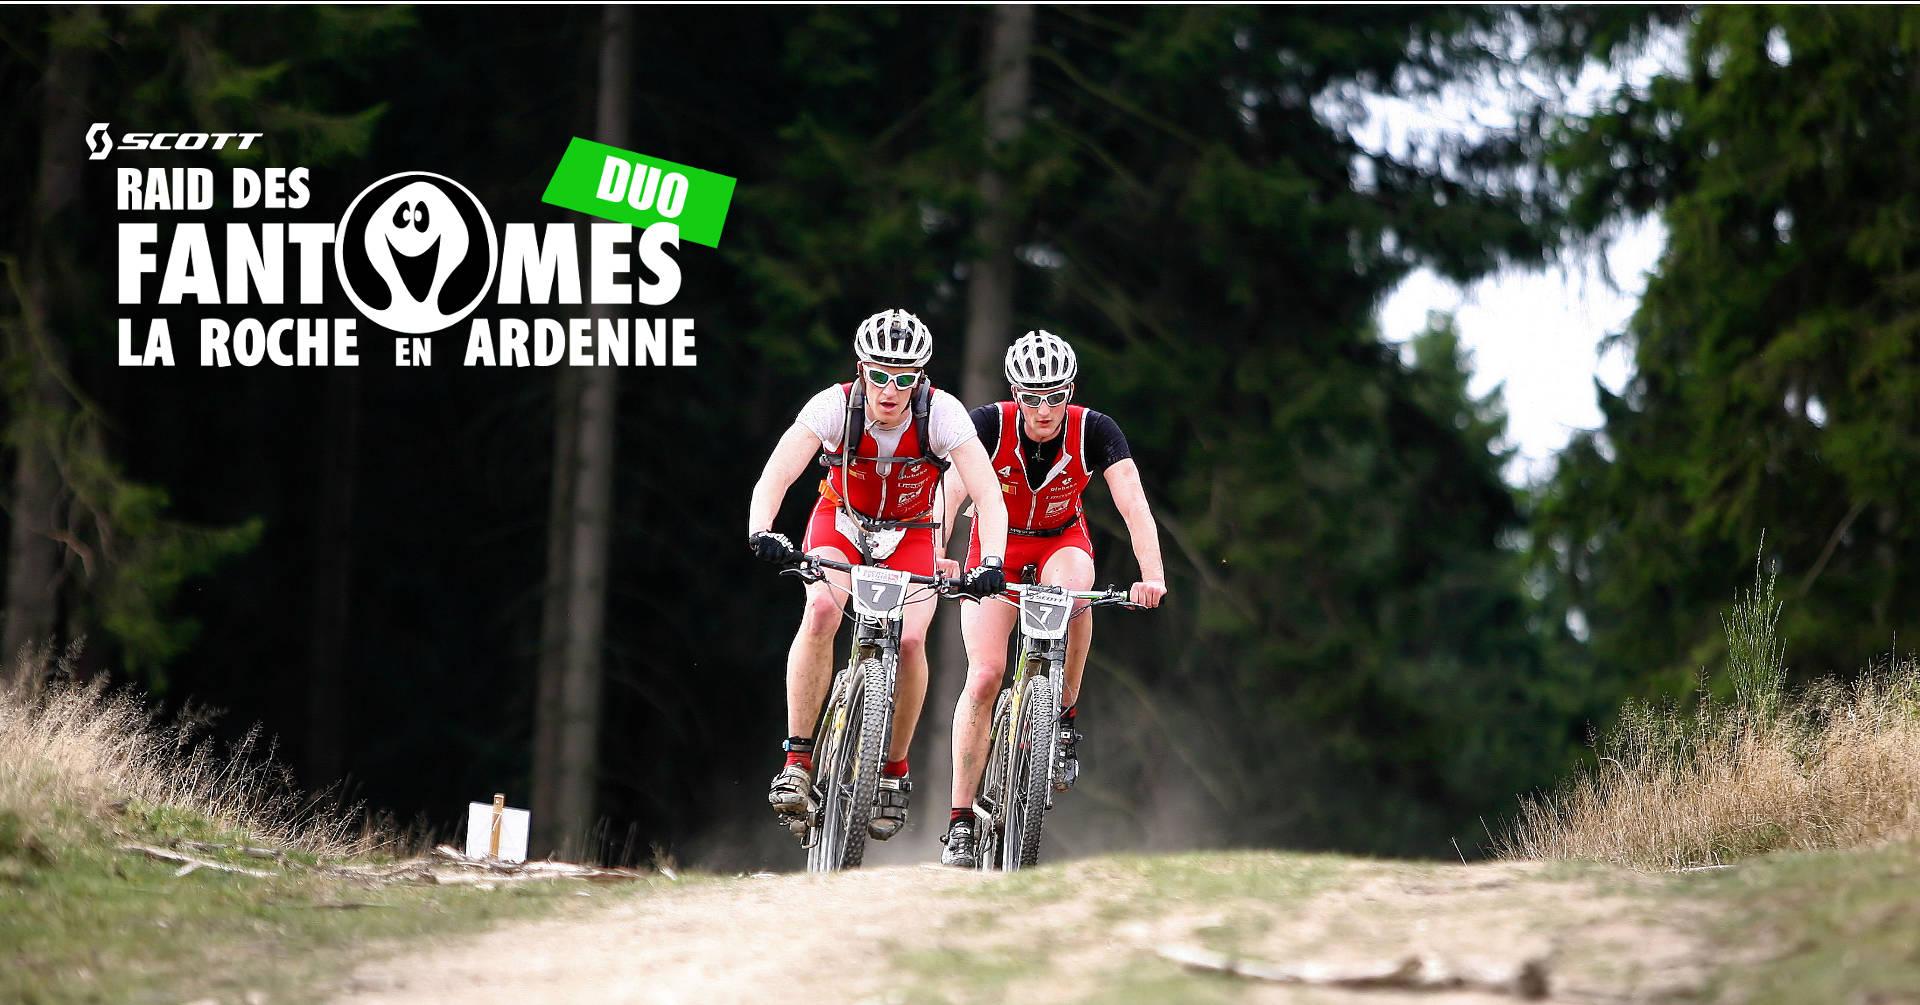 Nieuw MTB event voor Duo's in La Roche en Ardenne